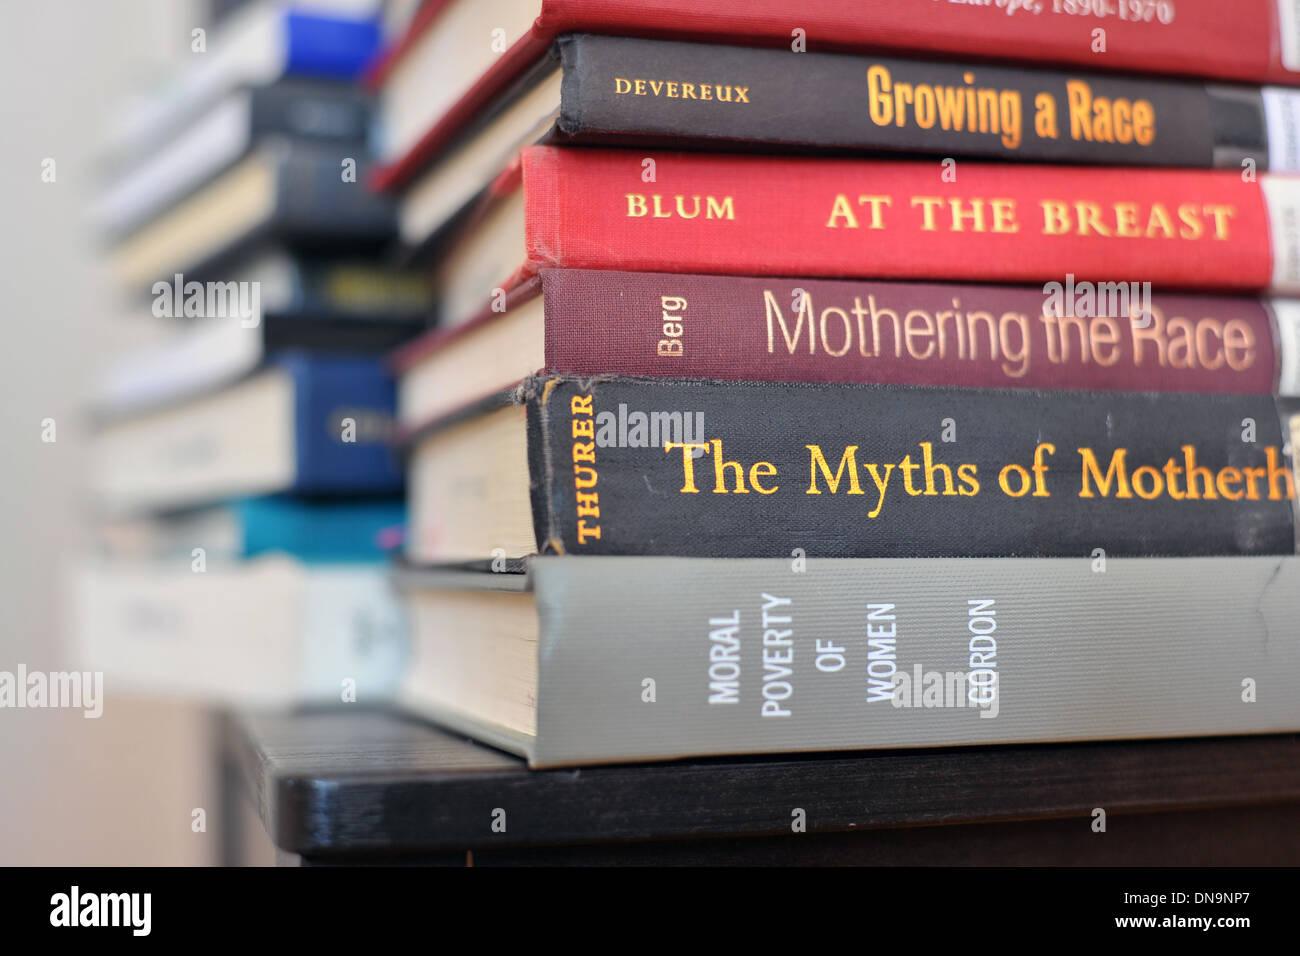 Une pile de livres académiques sur les soins maternels et la race. Photo Stock